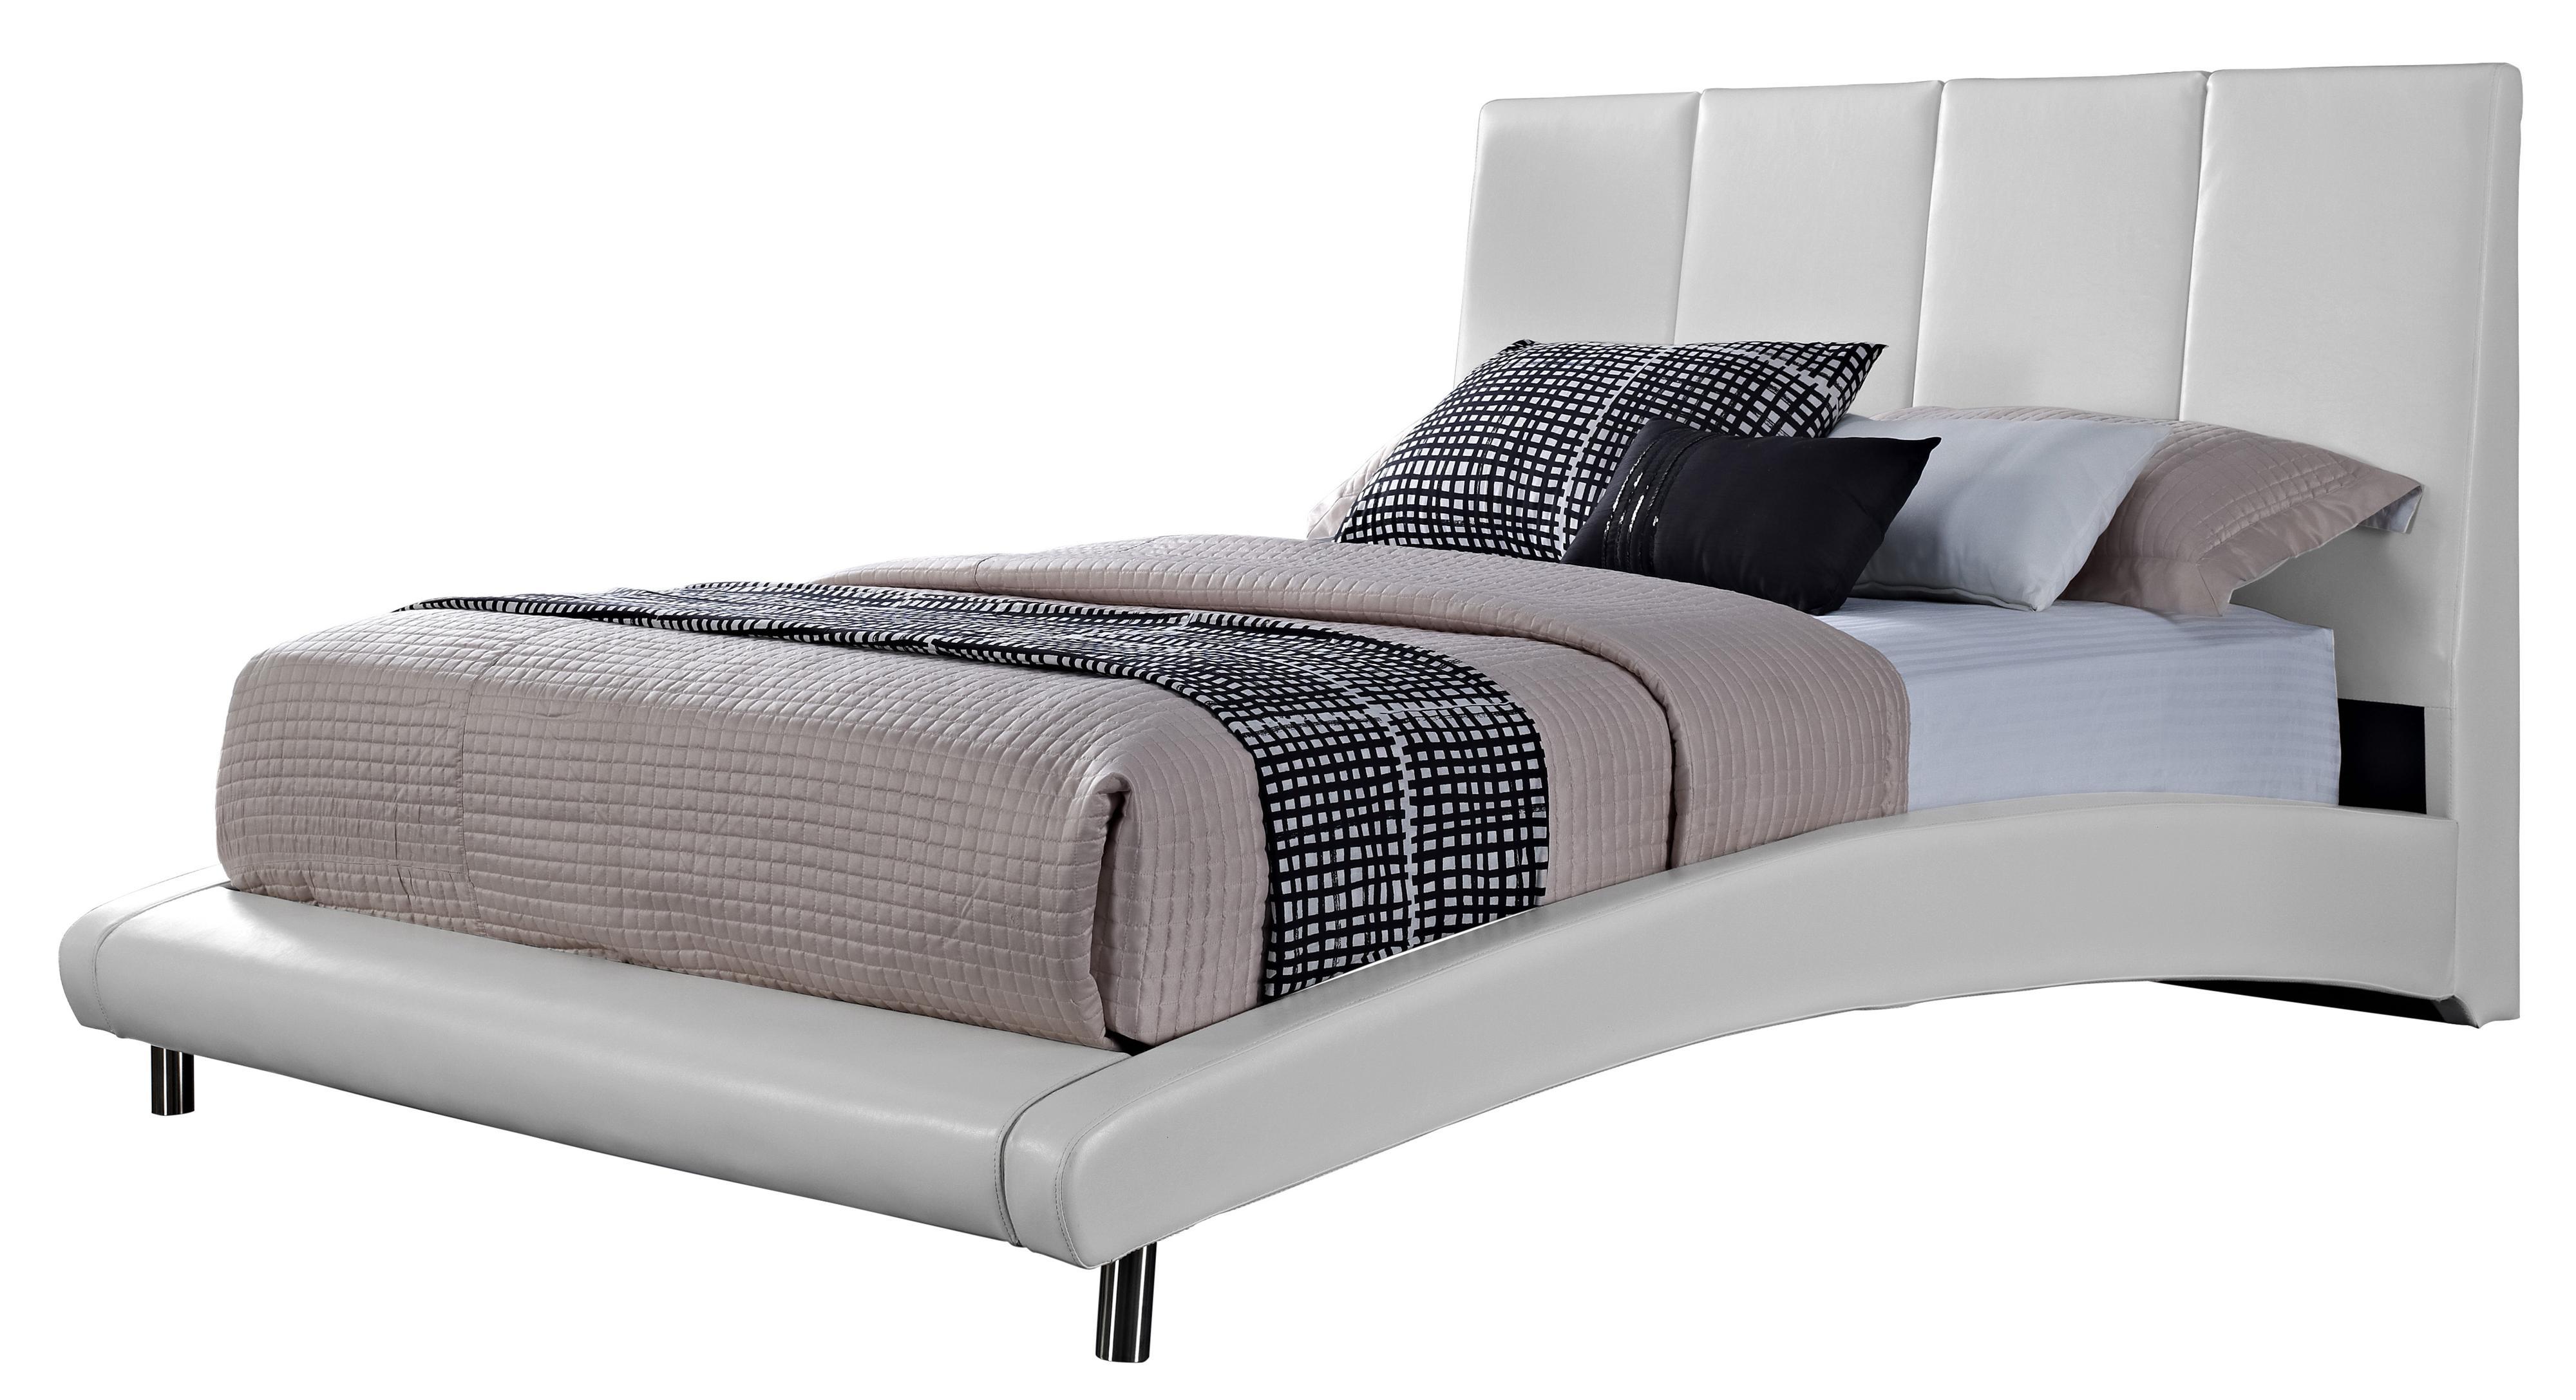 Standard Furniture Moderno  Queen Upholstered Platform Bed - Item Number: 99507+08